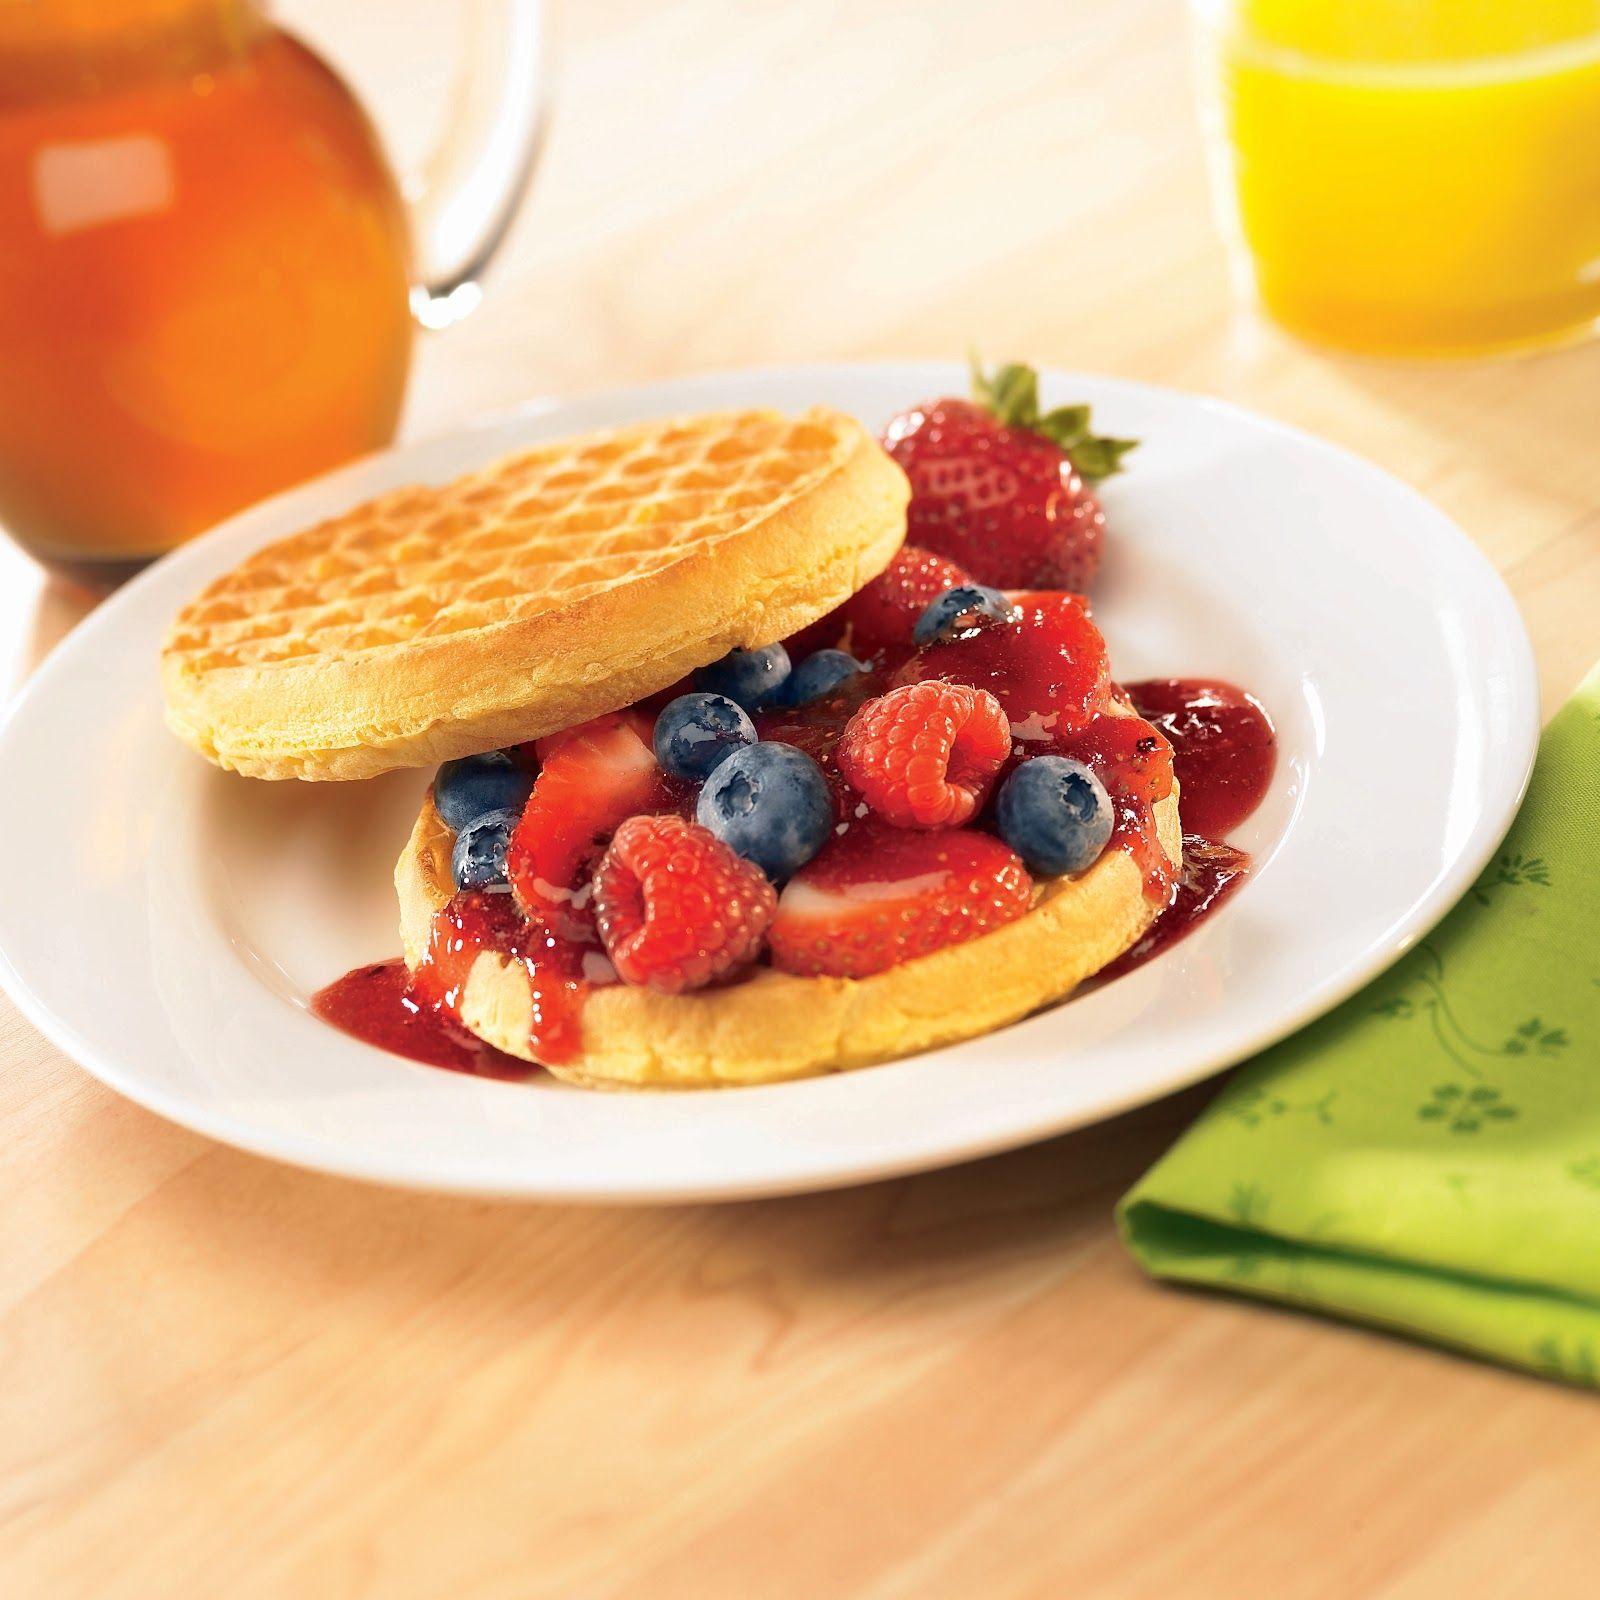 Irresistible combinación de waffle con trocitos de cereza, acompañado de frutos rojos seleccionado y salsa de fresa... ¡Imposible Resistirse!